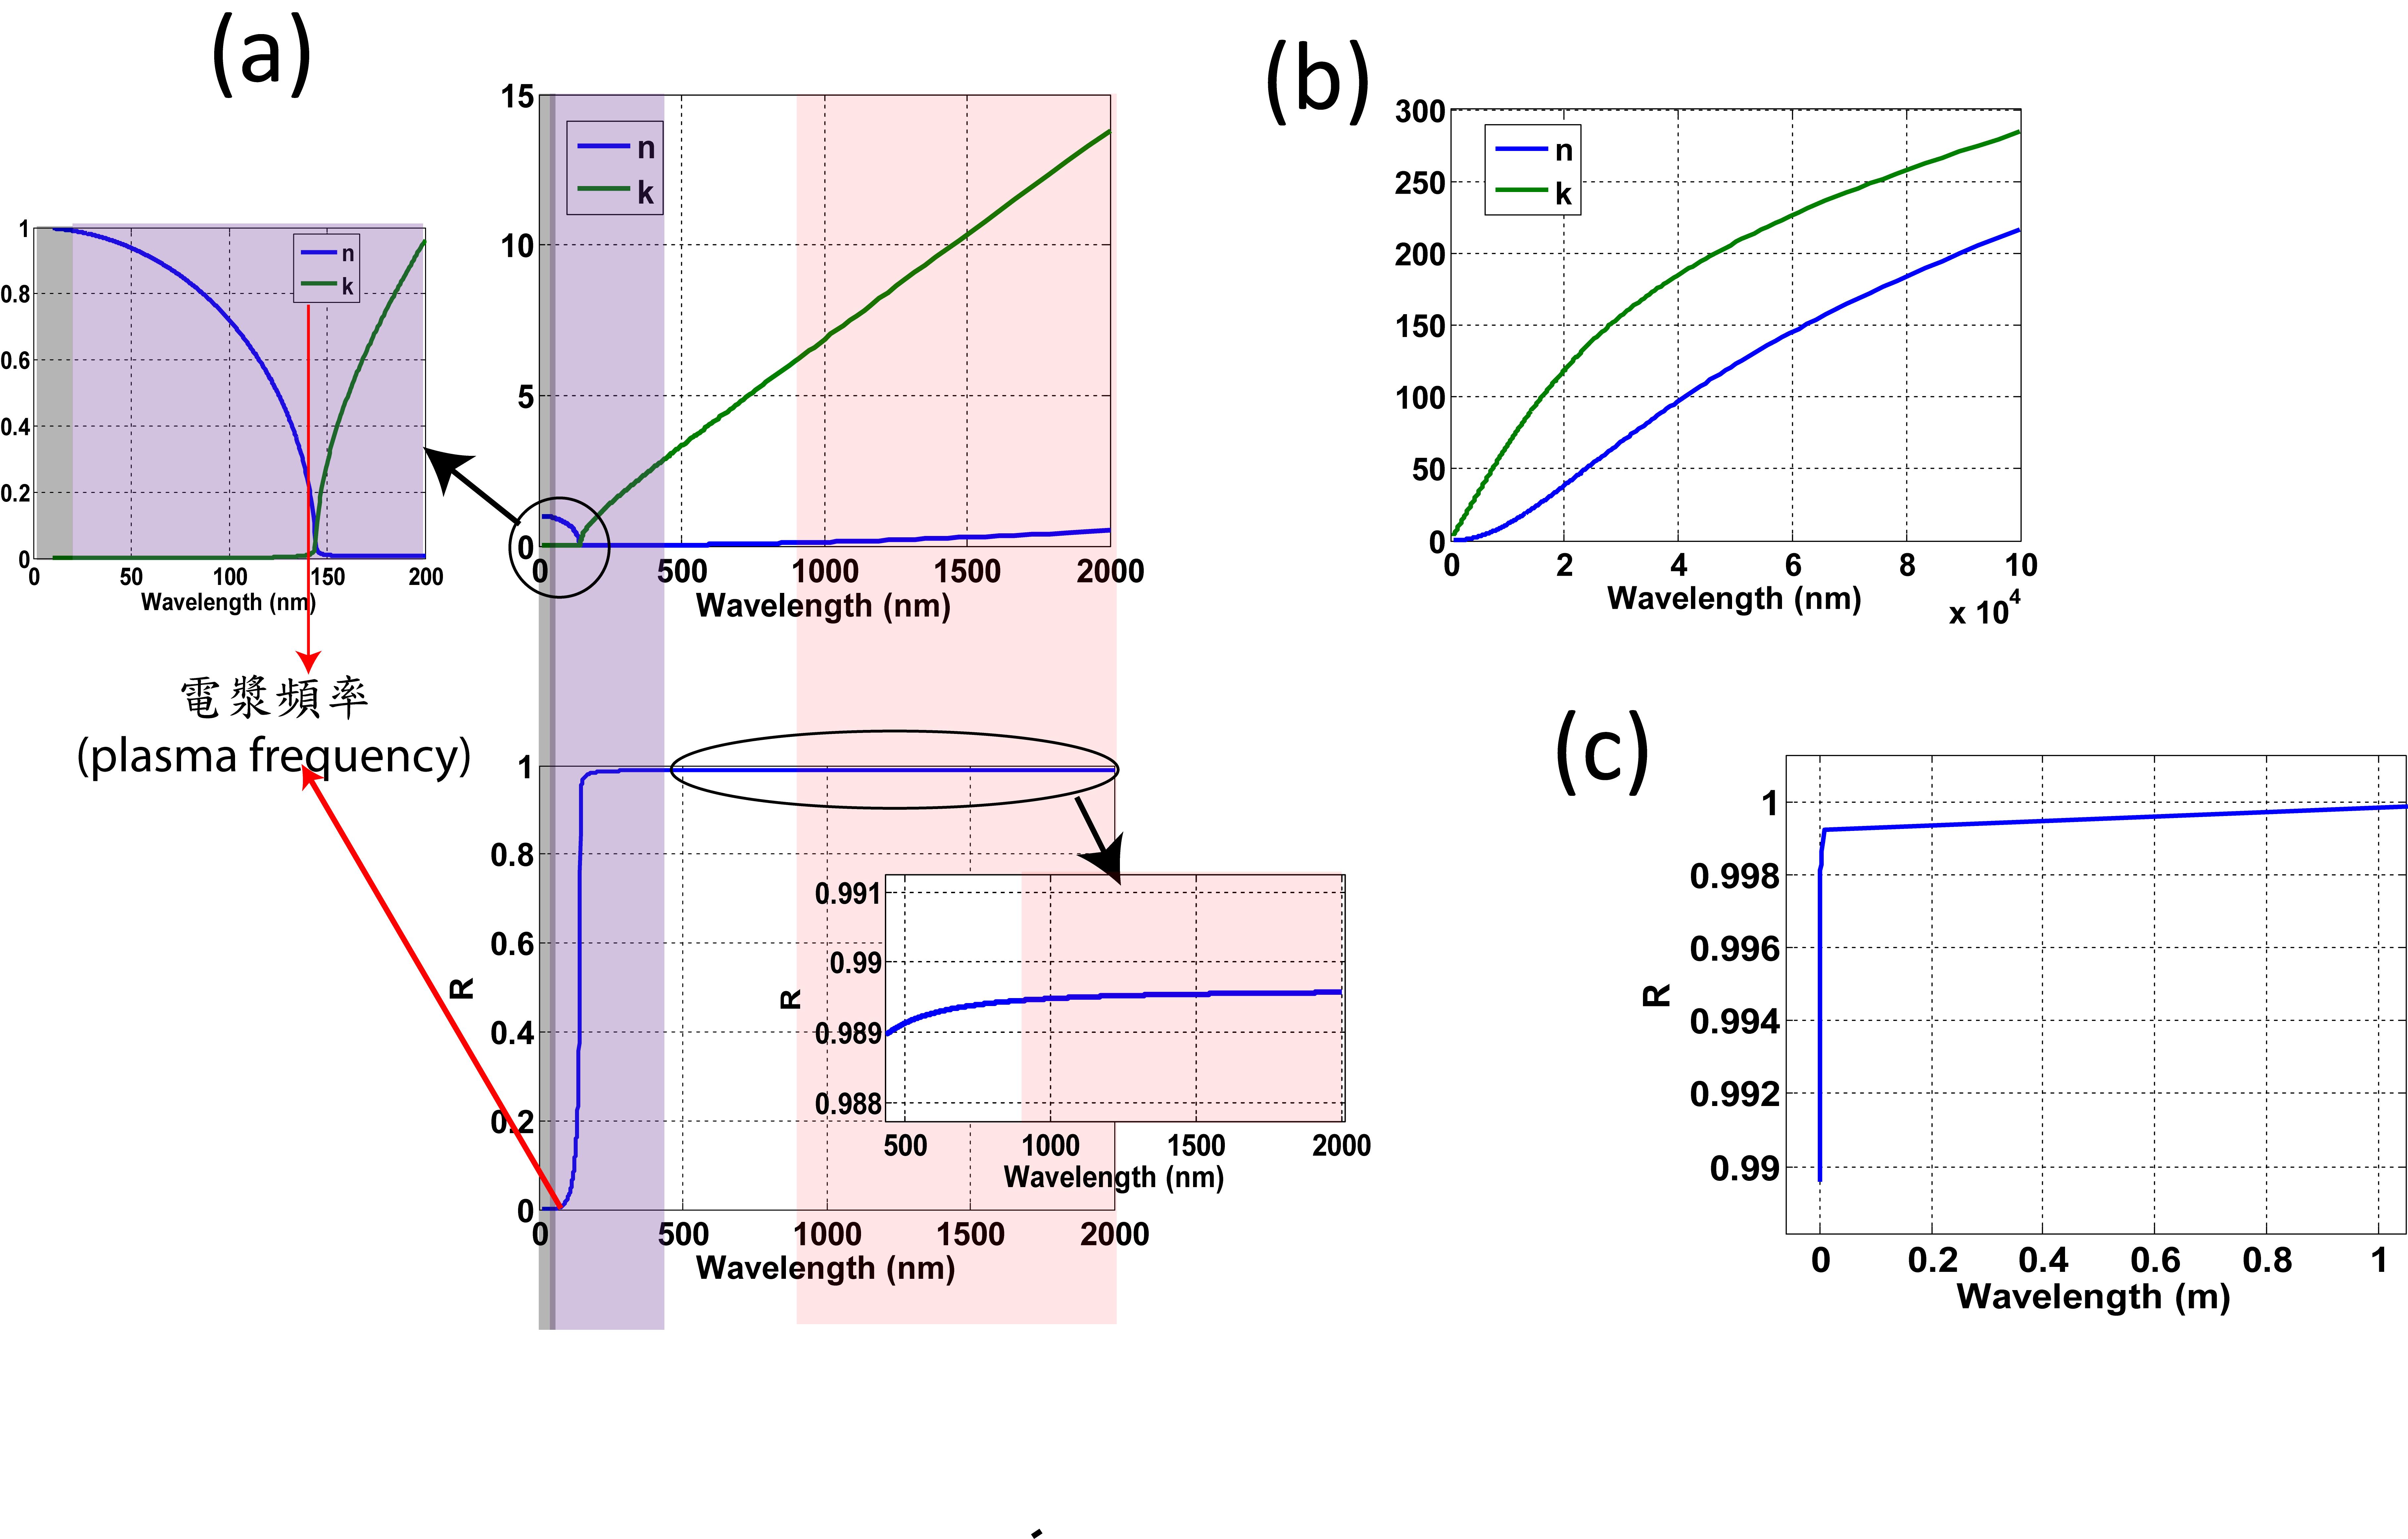 圖1 (a)銀的折射率(n,k)及反射R對波長的關係圖(UV至紅外光) (b)銀的折射率(n,k)在更長波段紅外光的行為 (c)無線電波對銀之反射(R)